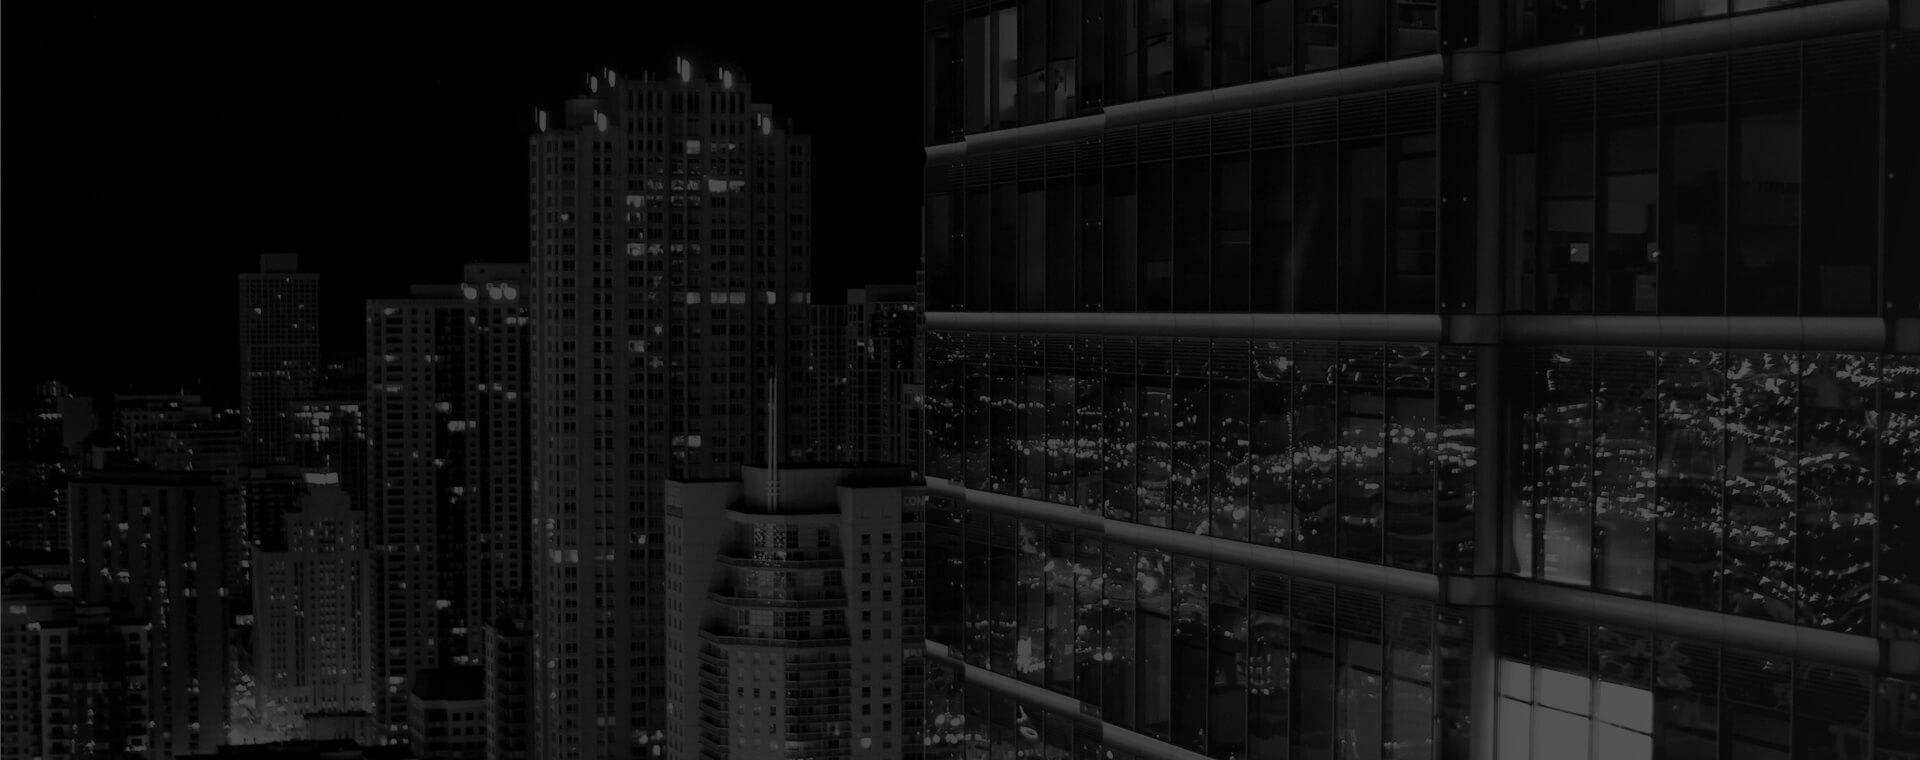 Imagem de um prédio espelhado a noite